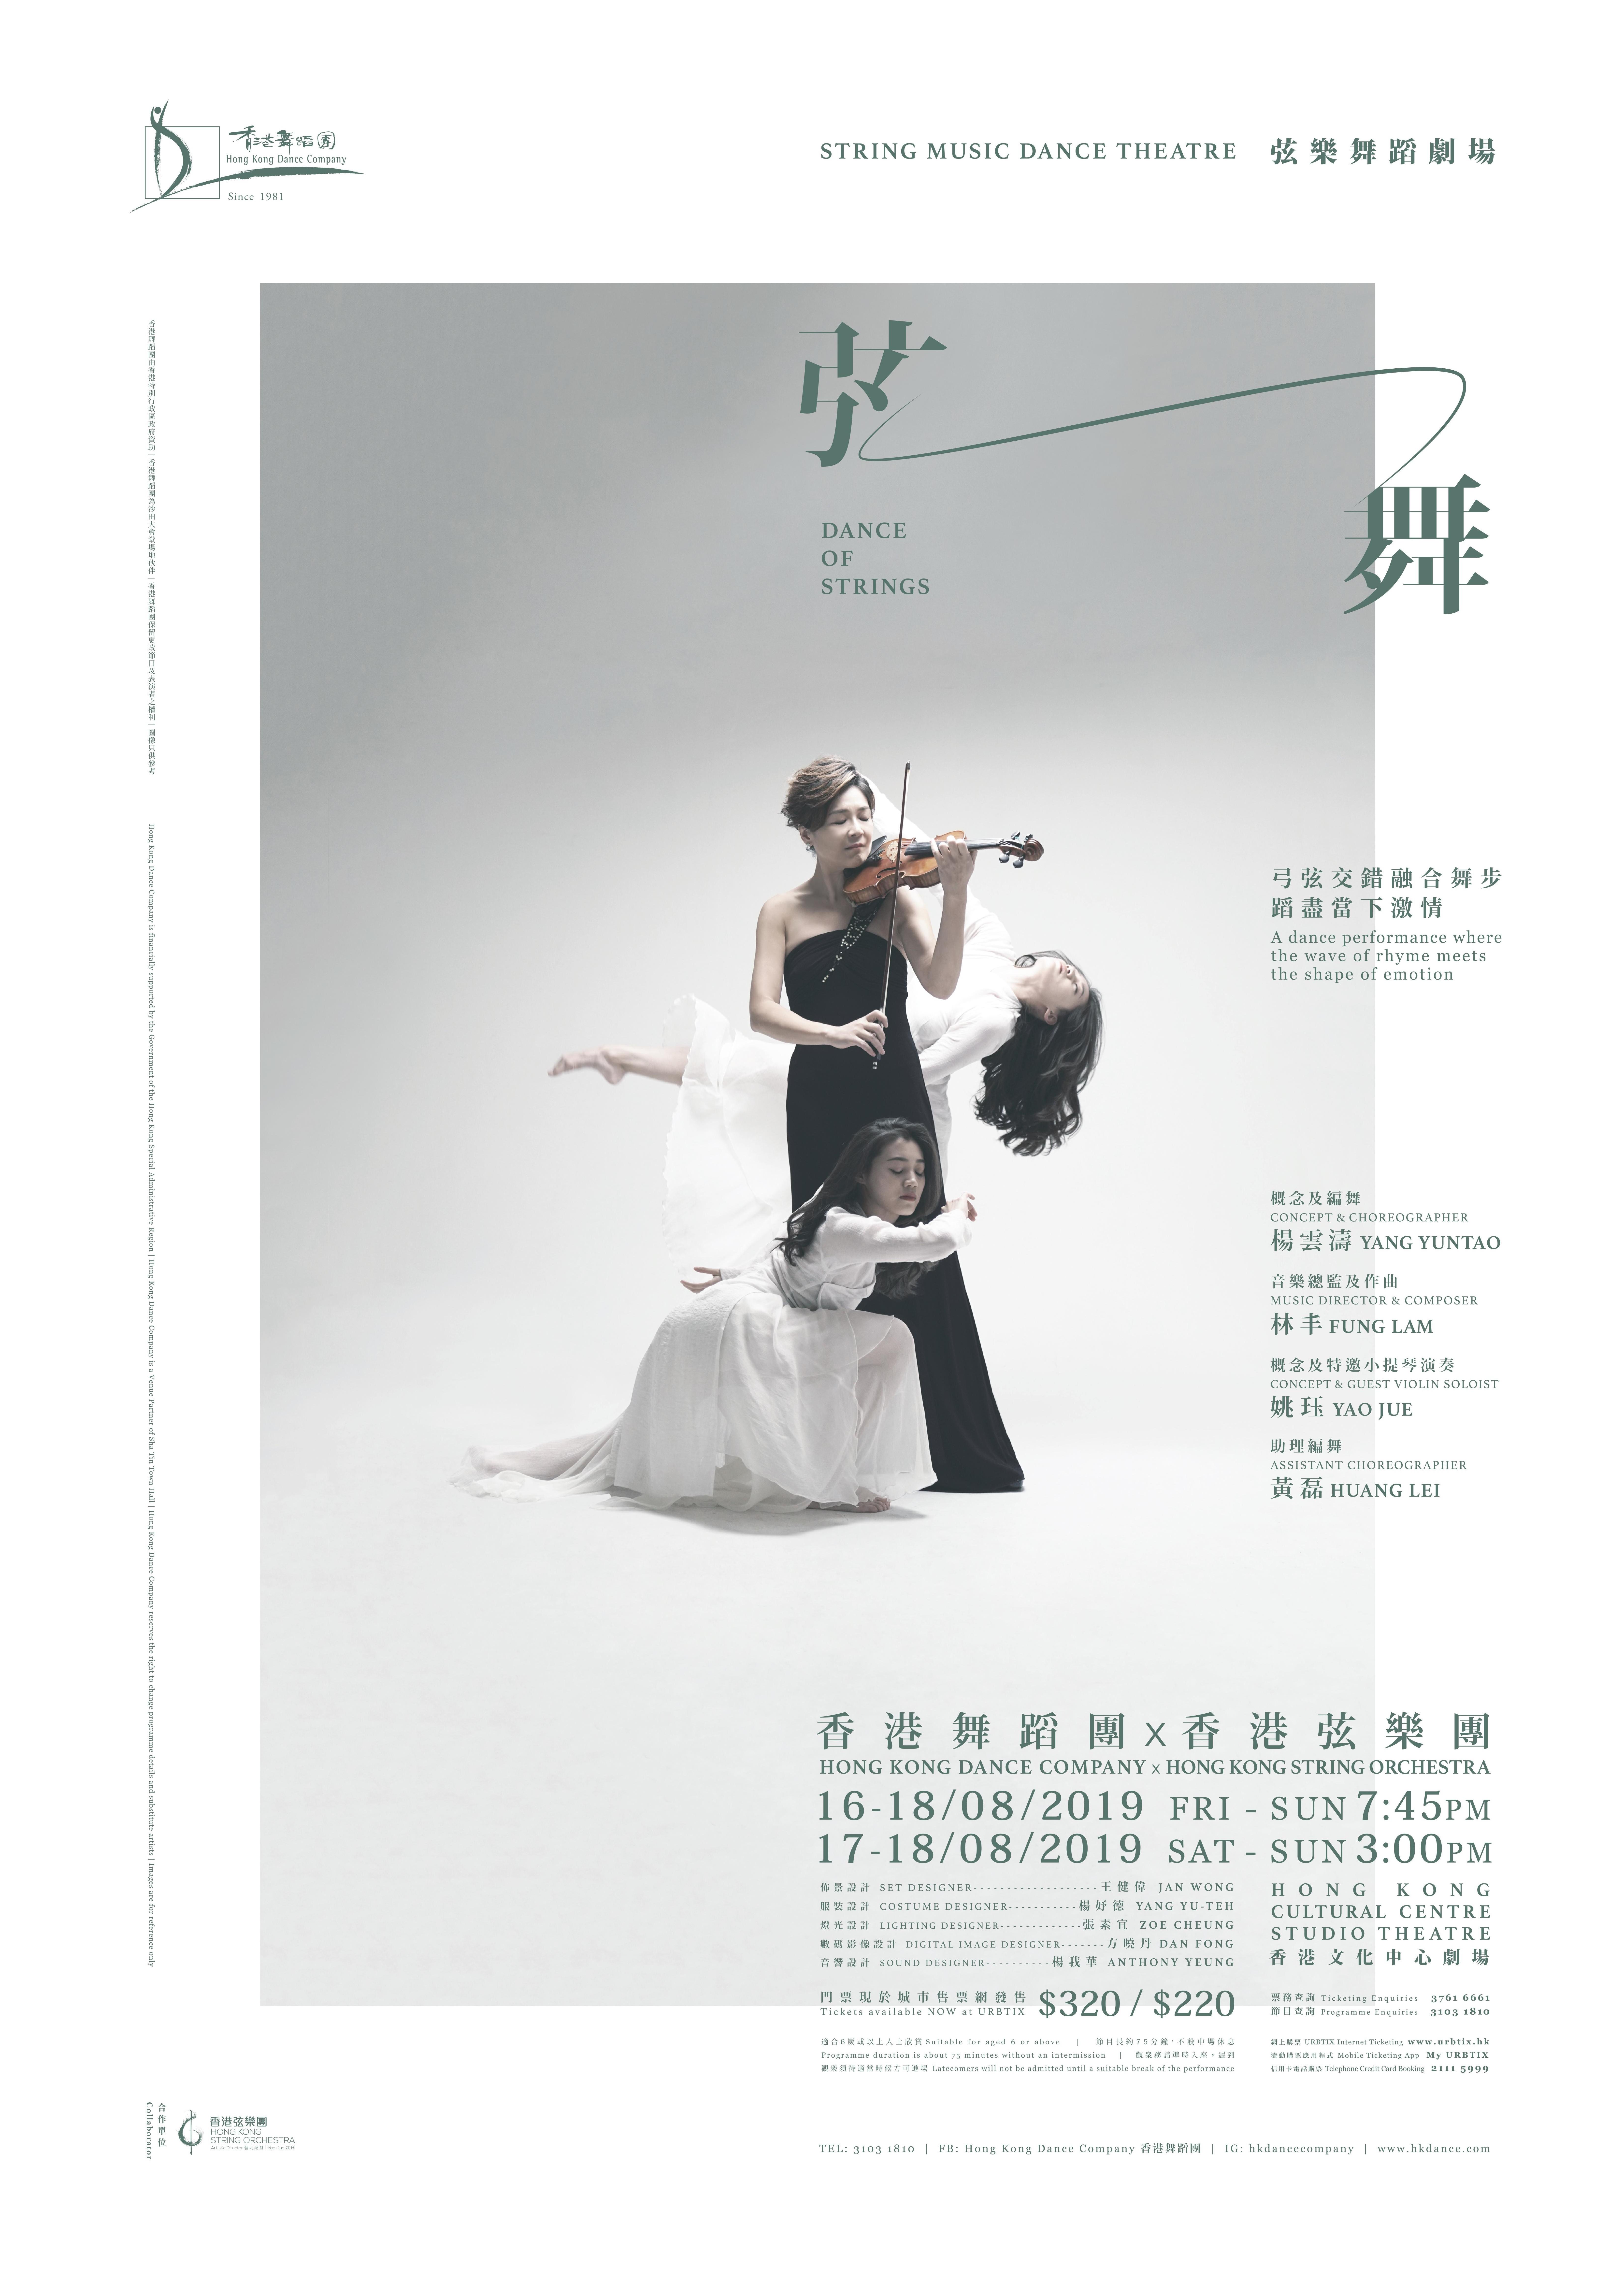 香港舞蹈團弦樂舞蹈劇場《弦舞》海報。